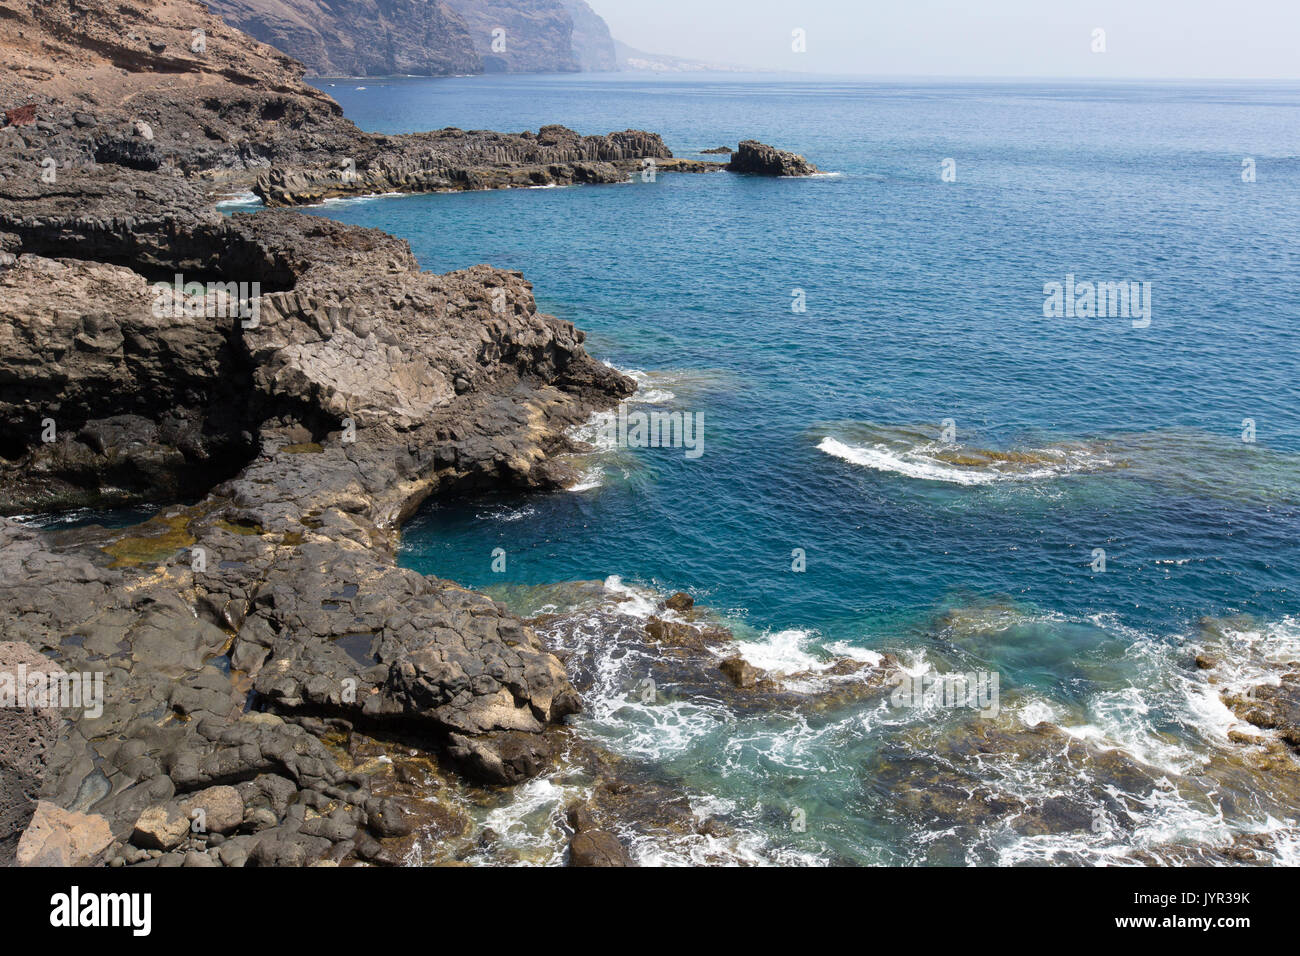 Punta de Teno, dem westlichsten Punkt der Insel Teneriffa auf den Kanarischen Inseln. Stockbild